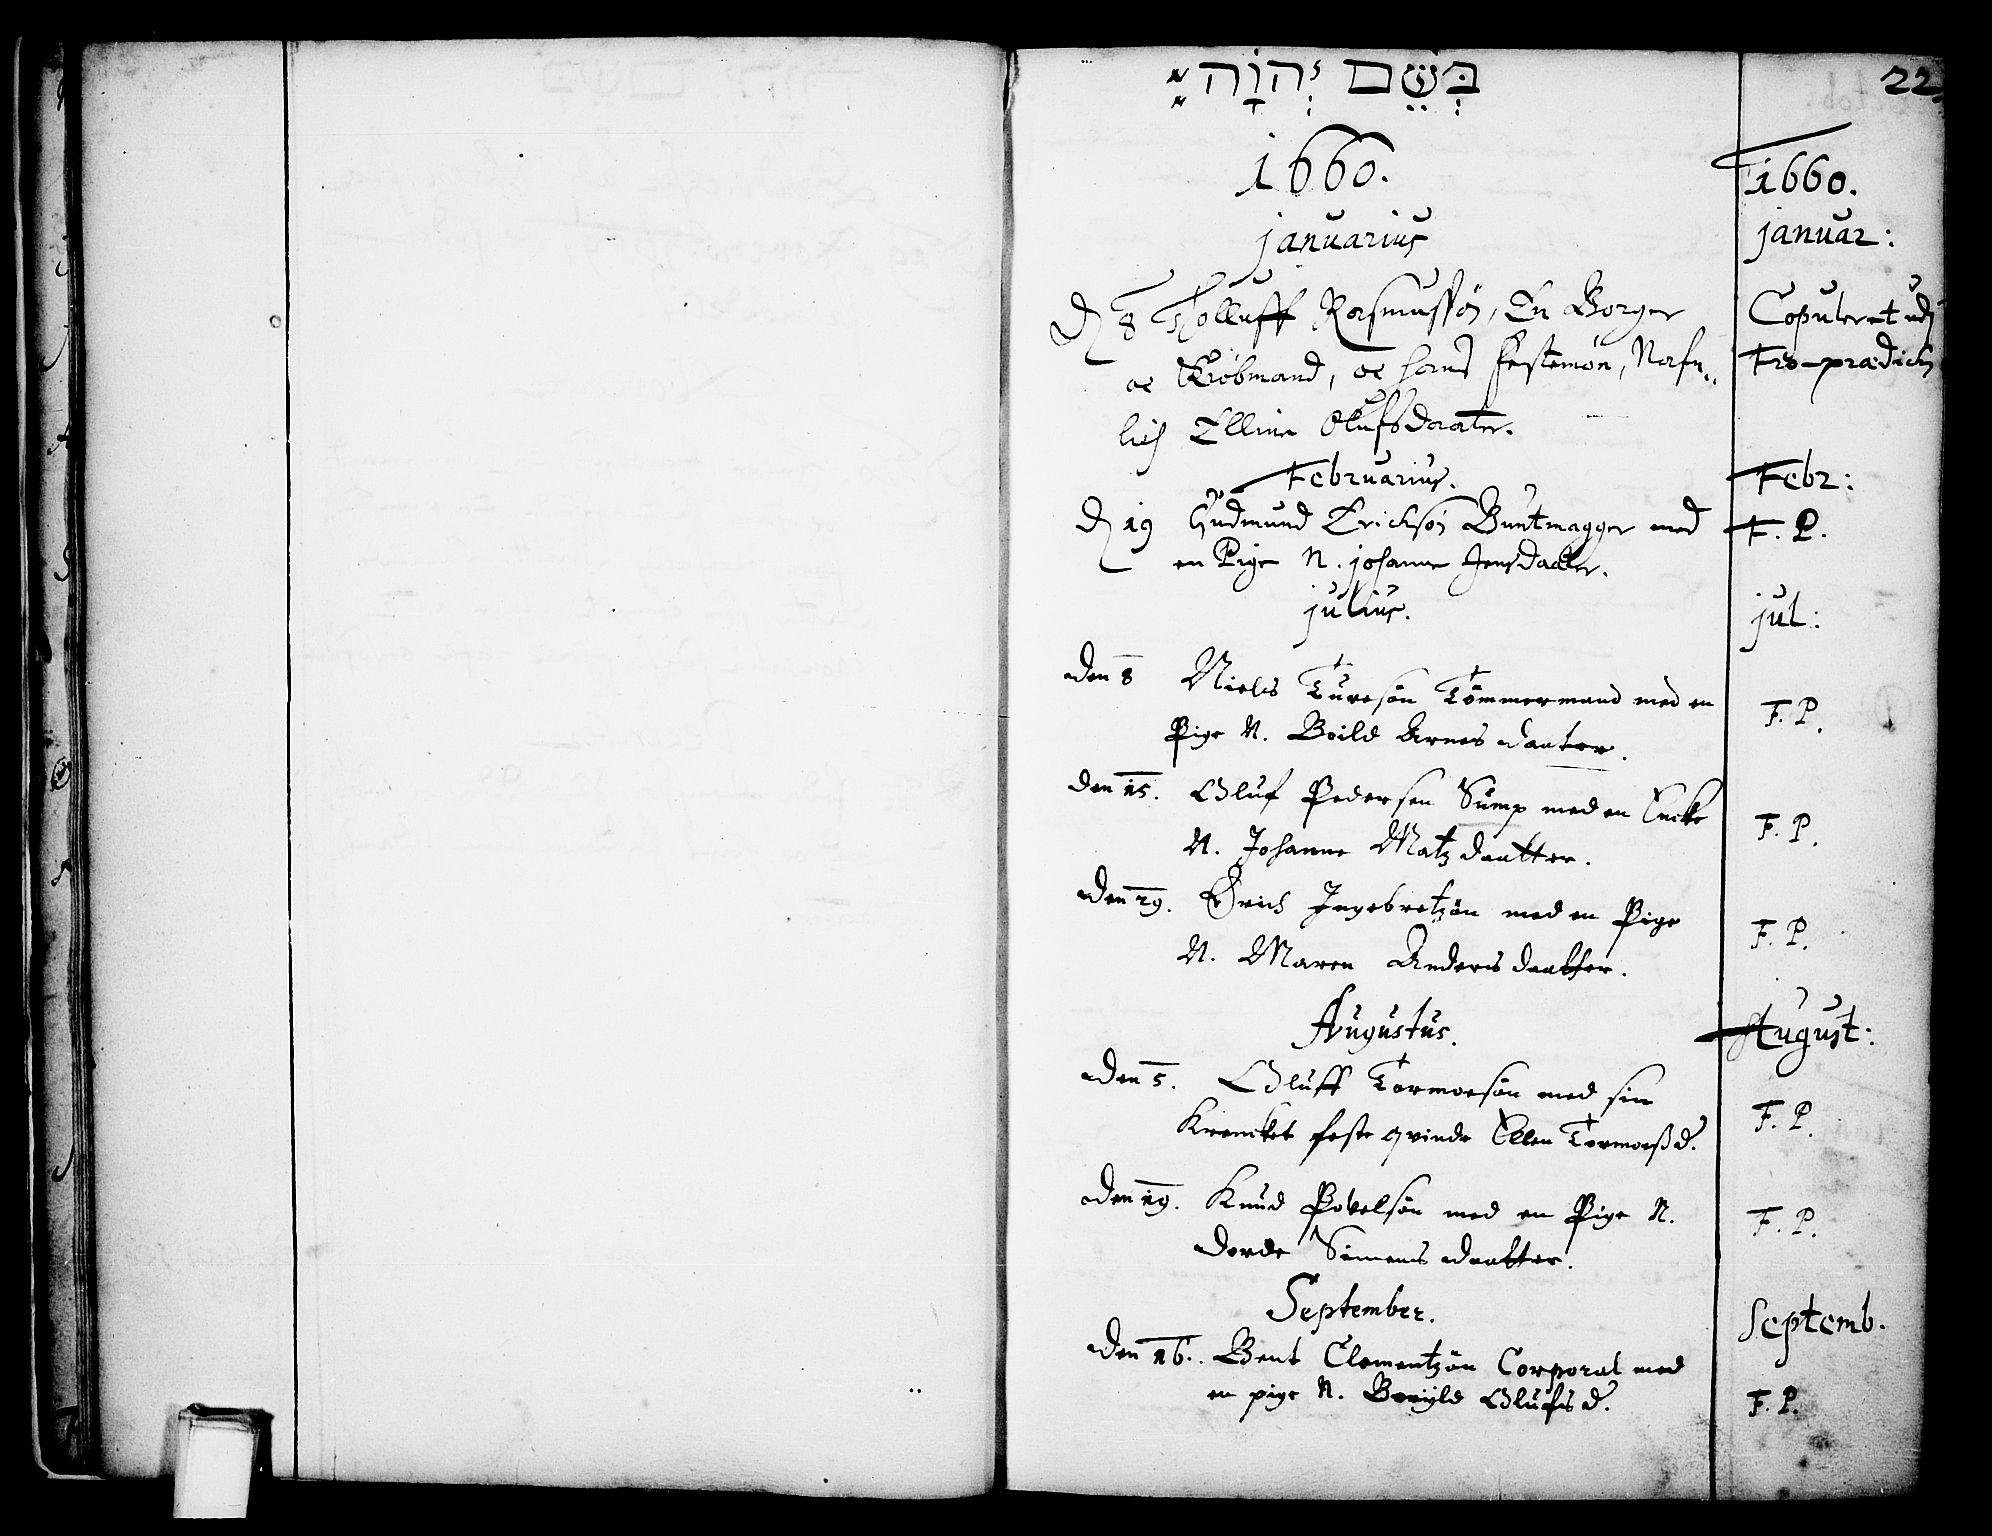 SAKO, Skien kirkebøker, F/Fa/L0001: Ministerialbok nr. 1, 1659-1679, s. 22